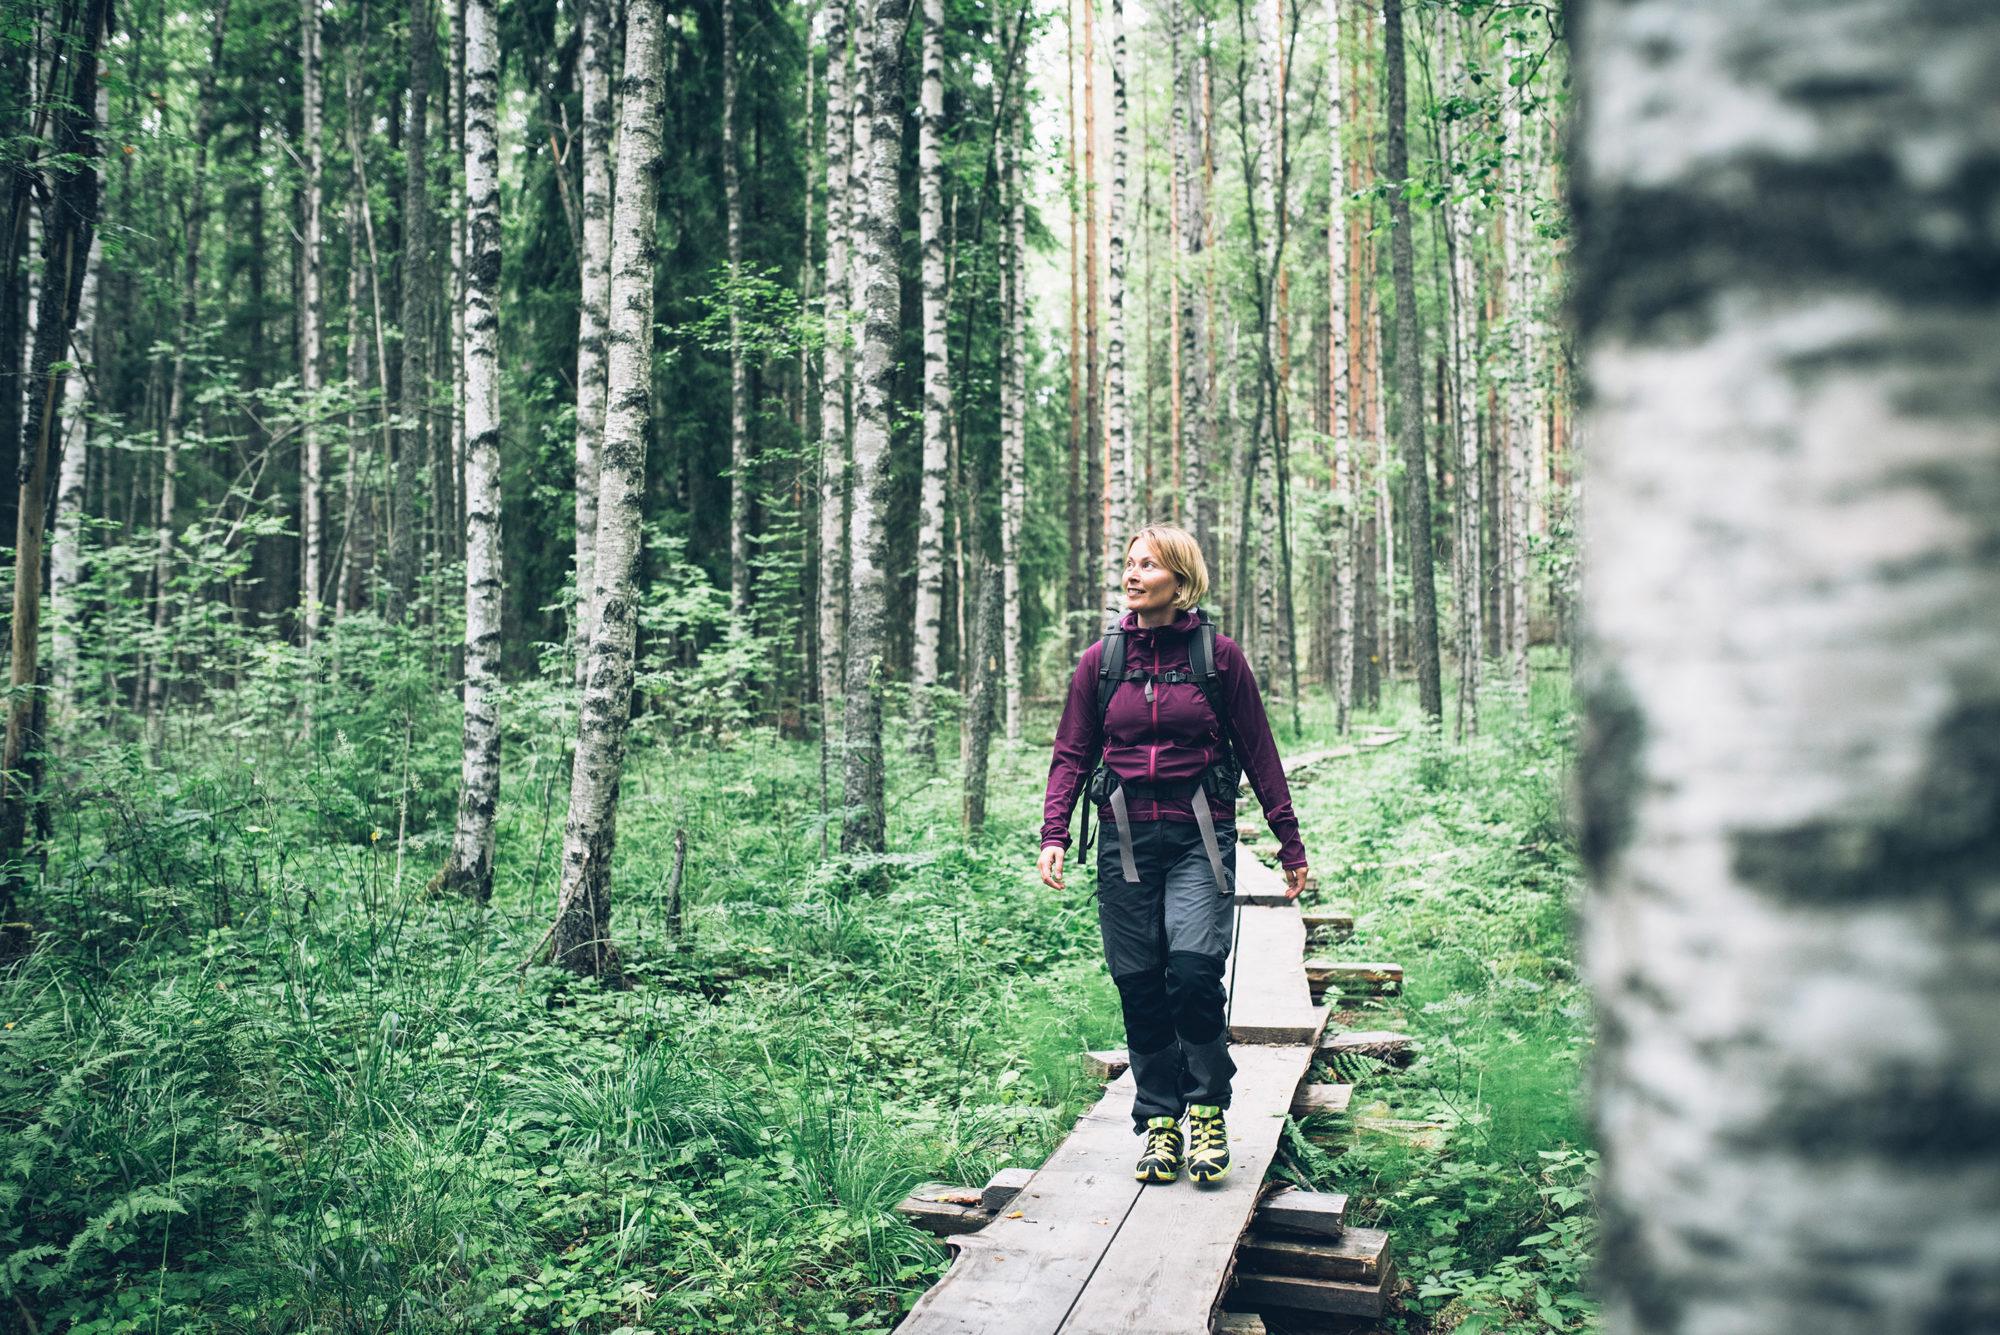 Vapaa-aika-Luontoliikkujalle-isokuva-Eerikkilä